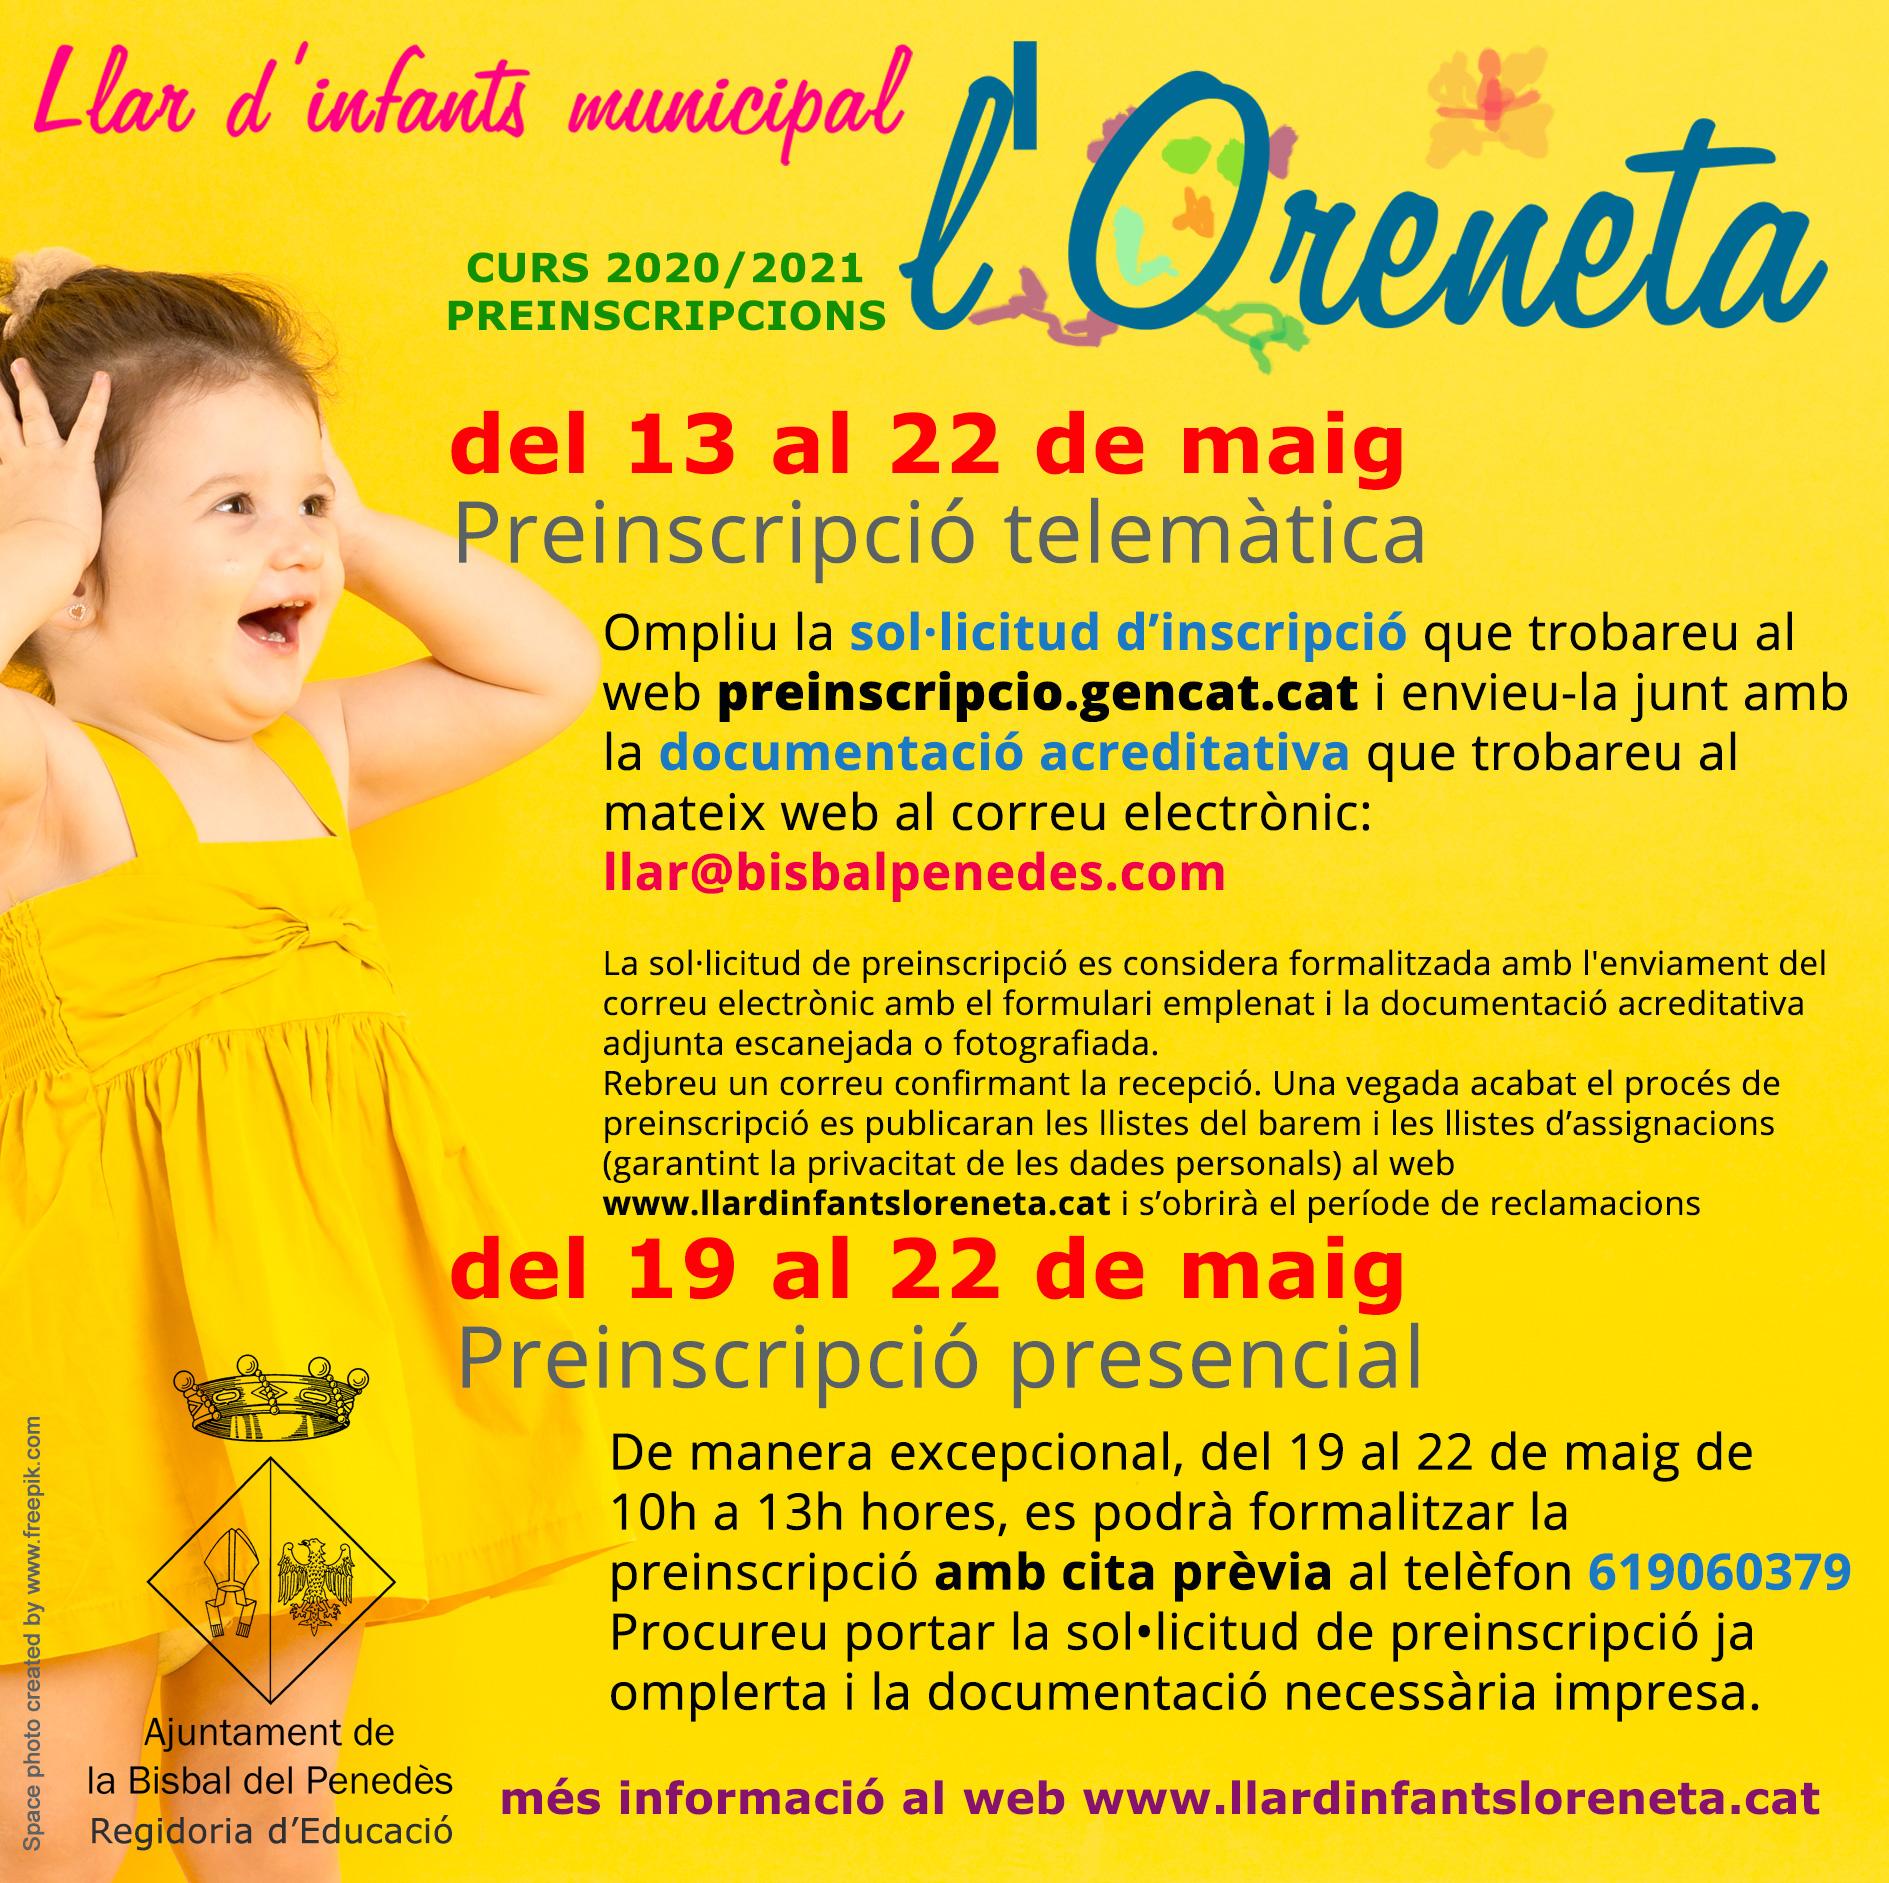 El dimecres 13 de maig comença el període de preinscripcions de la Llar d'infants l'Oreneta